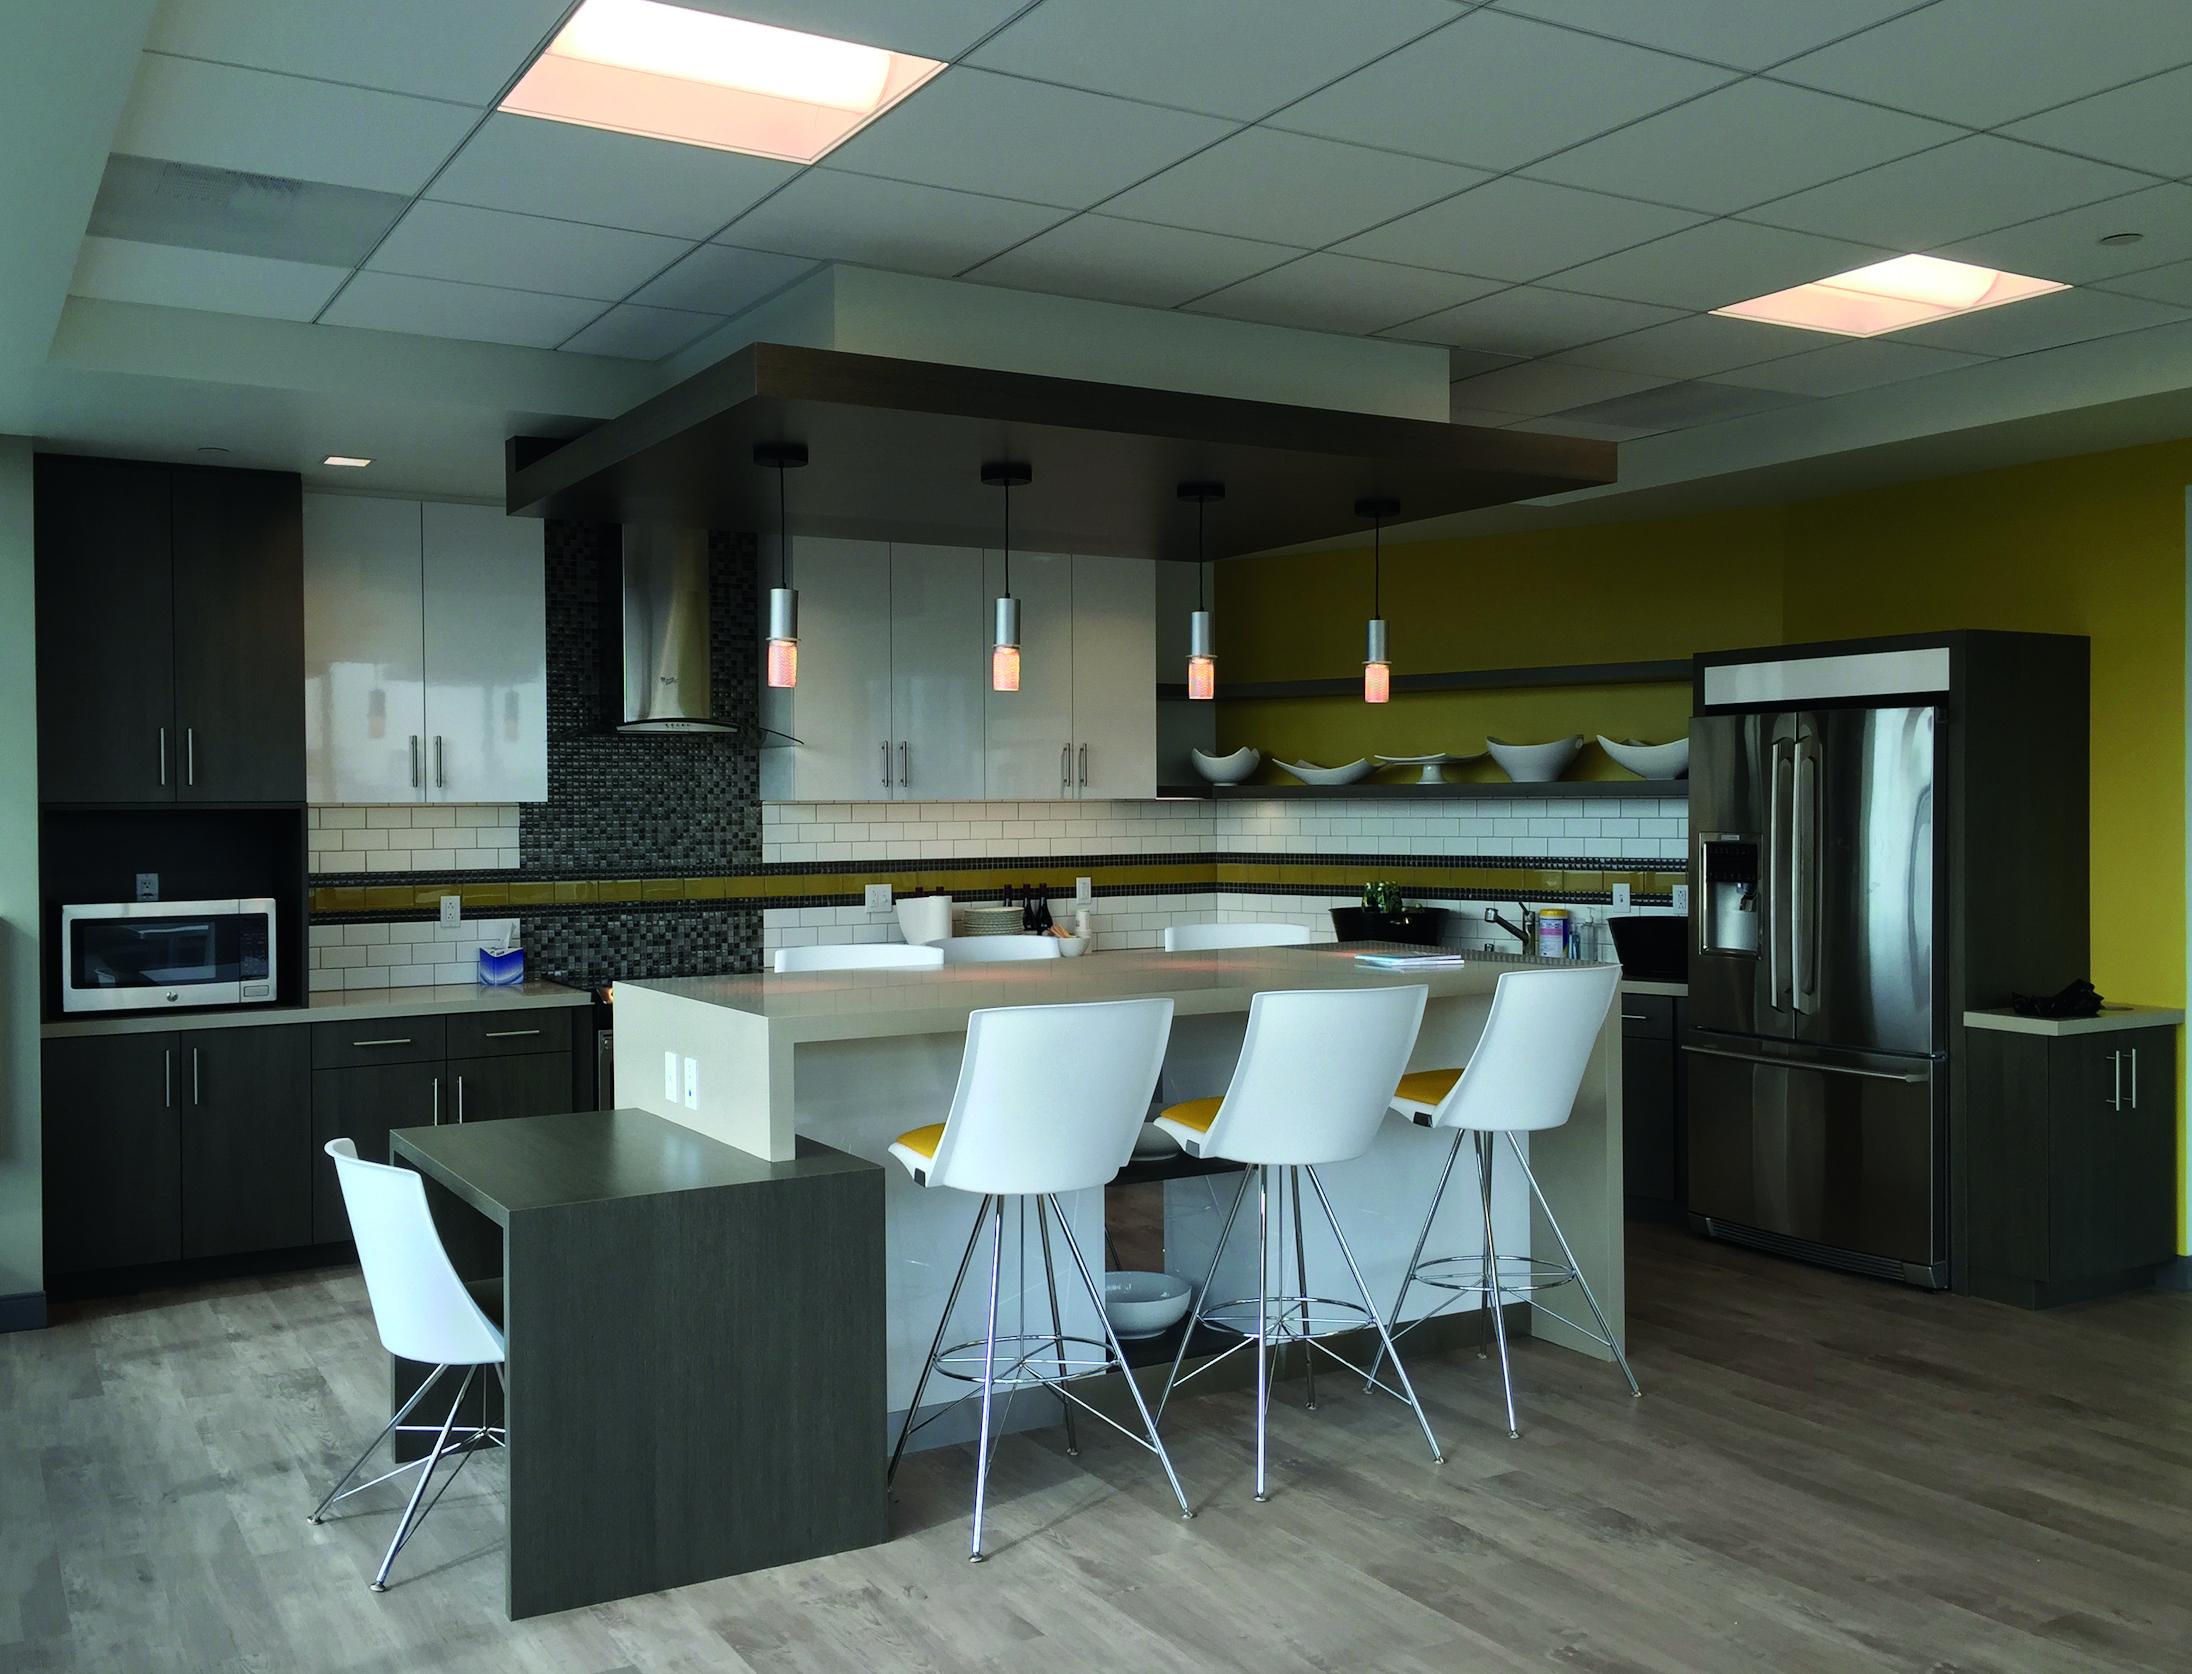 office kitchen 2.jpg